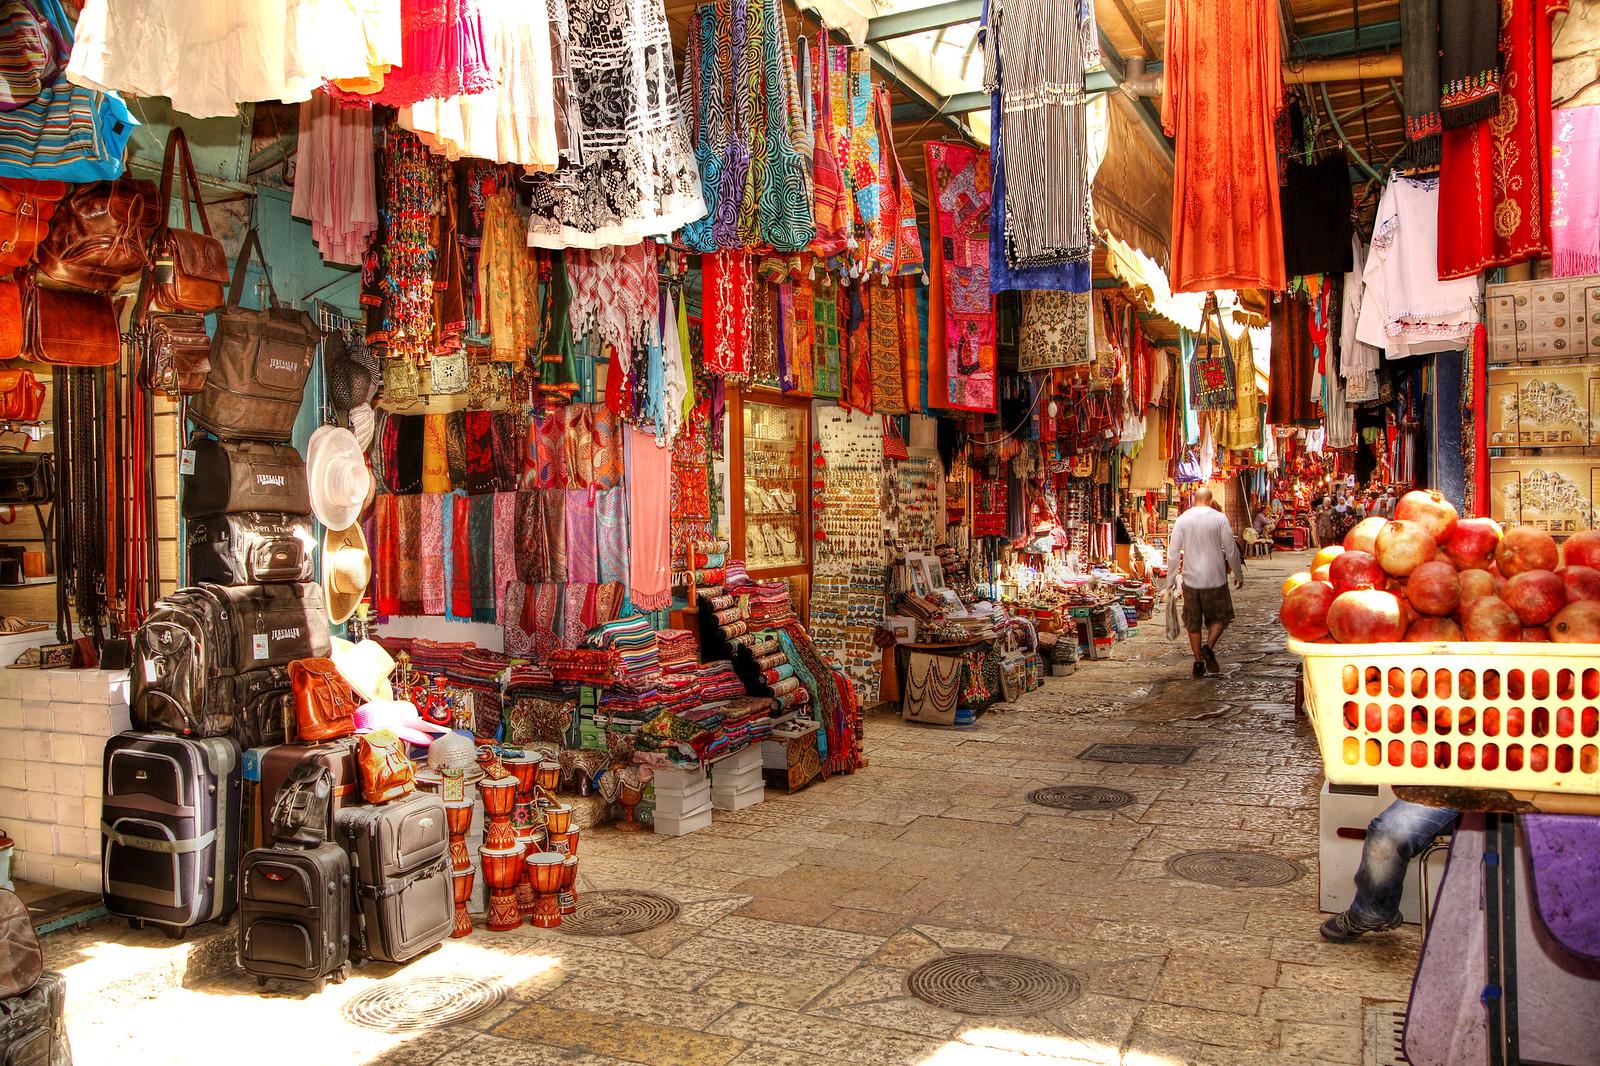 Jerusalem_OLd City market_2_Noam Chen_ IMOT